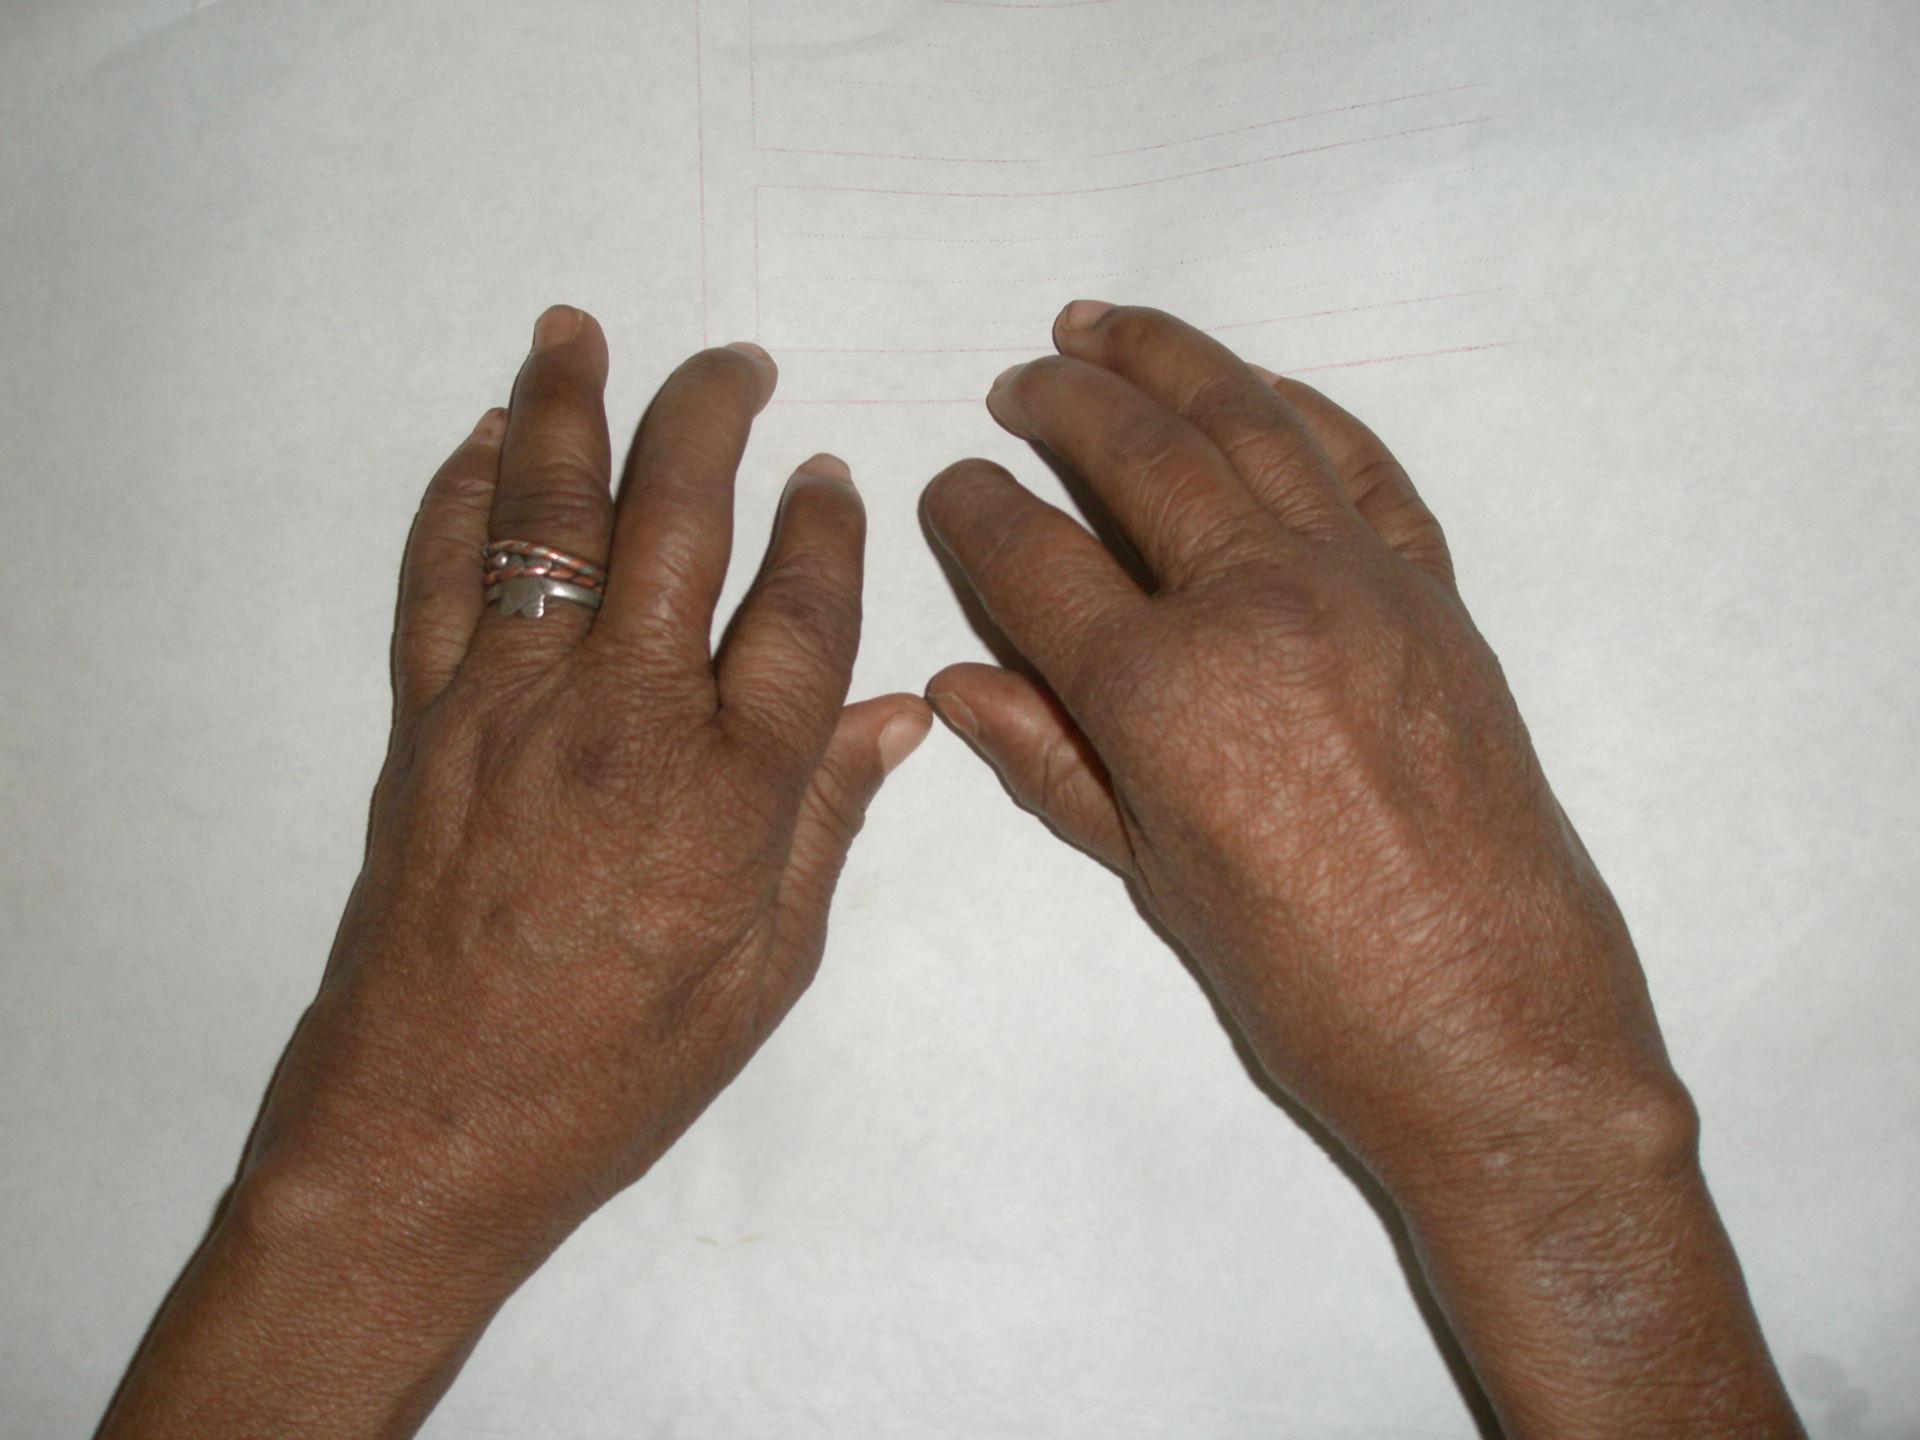 Artritis reumatoide, deformación de las manos